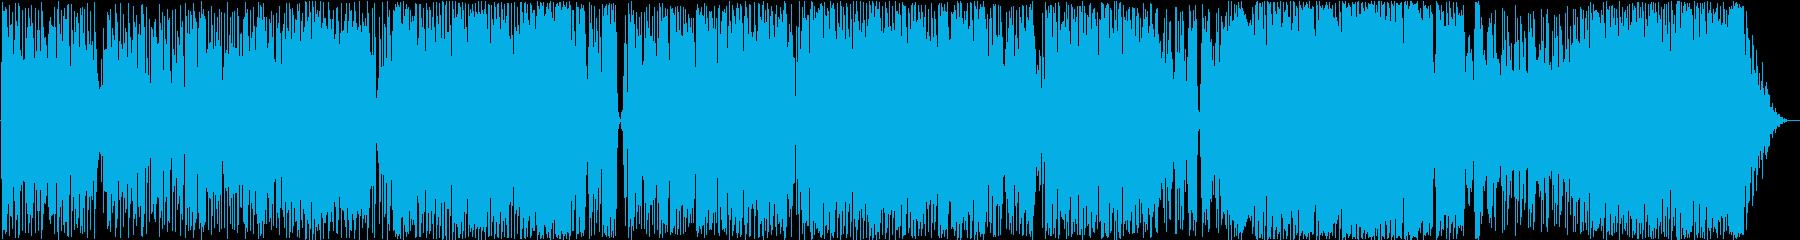 たそがれの再生済みの波形